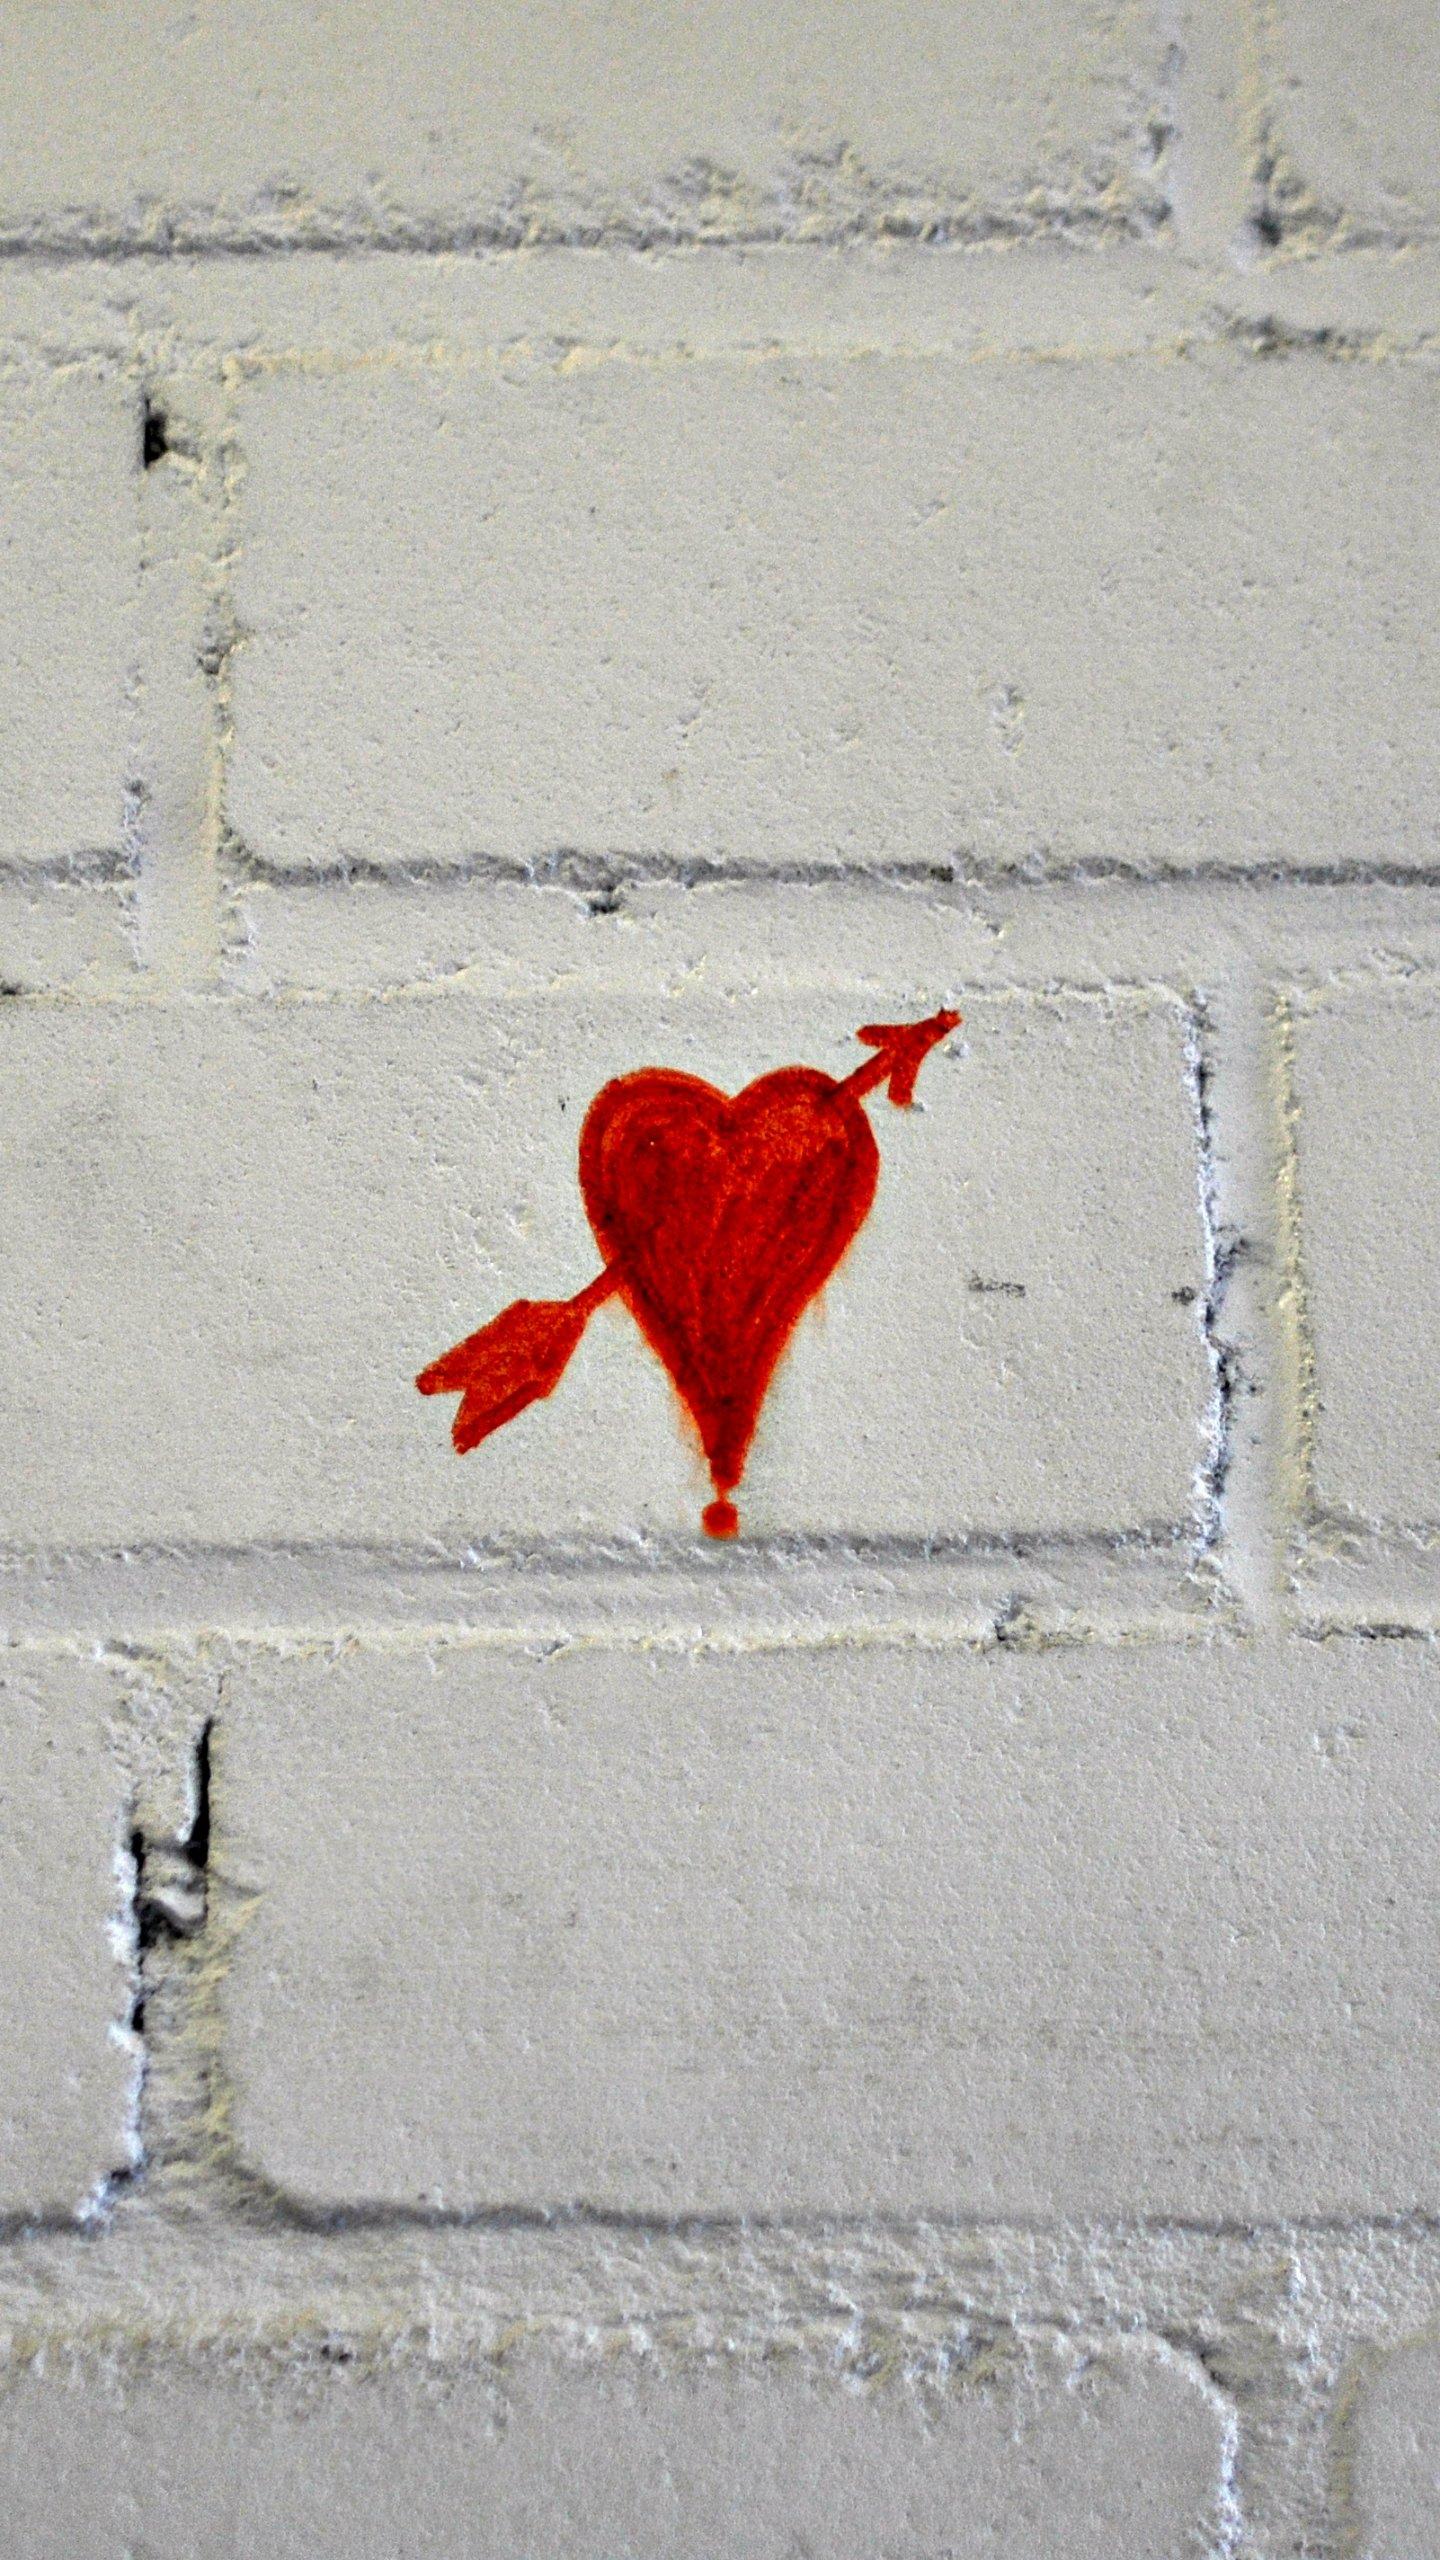 Heart arrow love graffiti